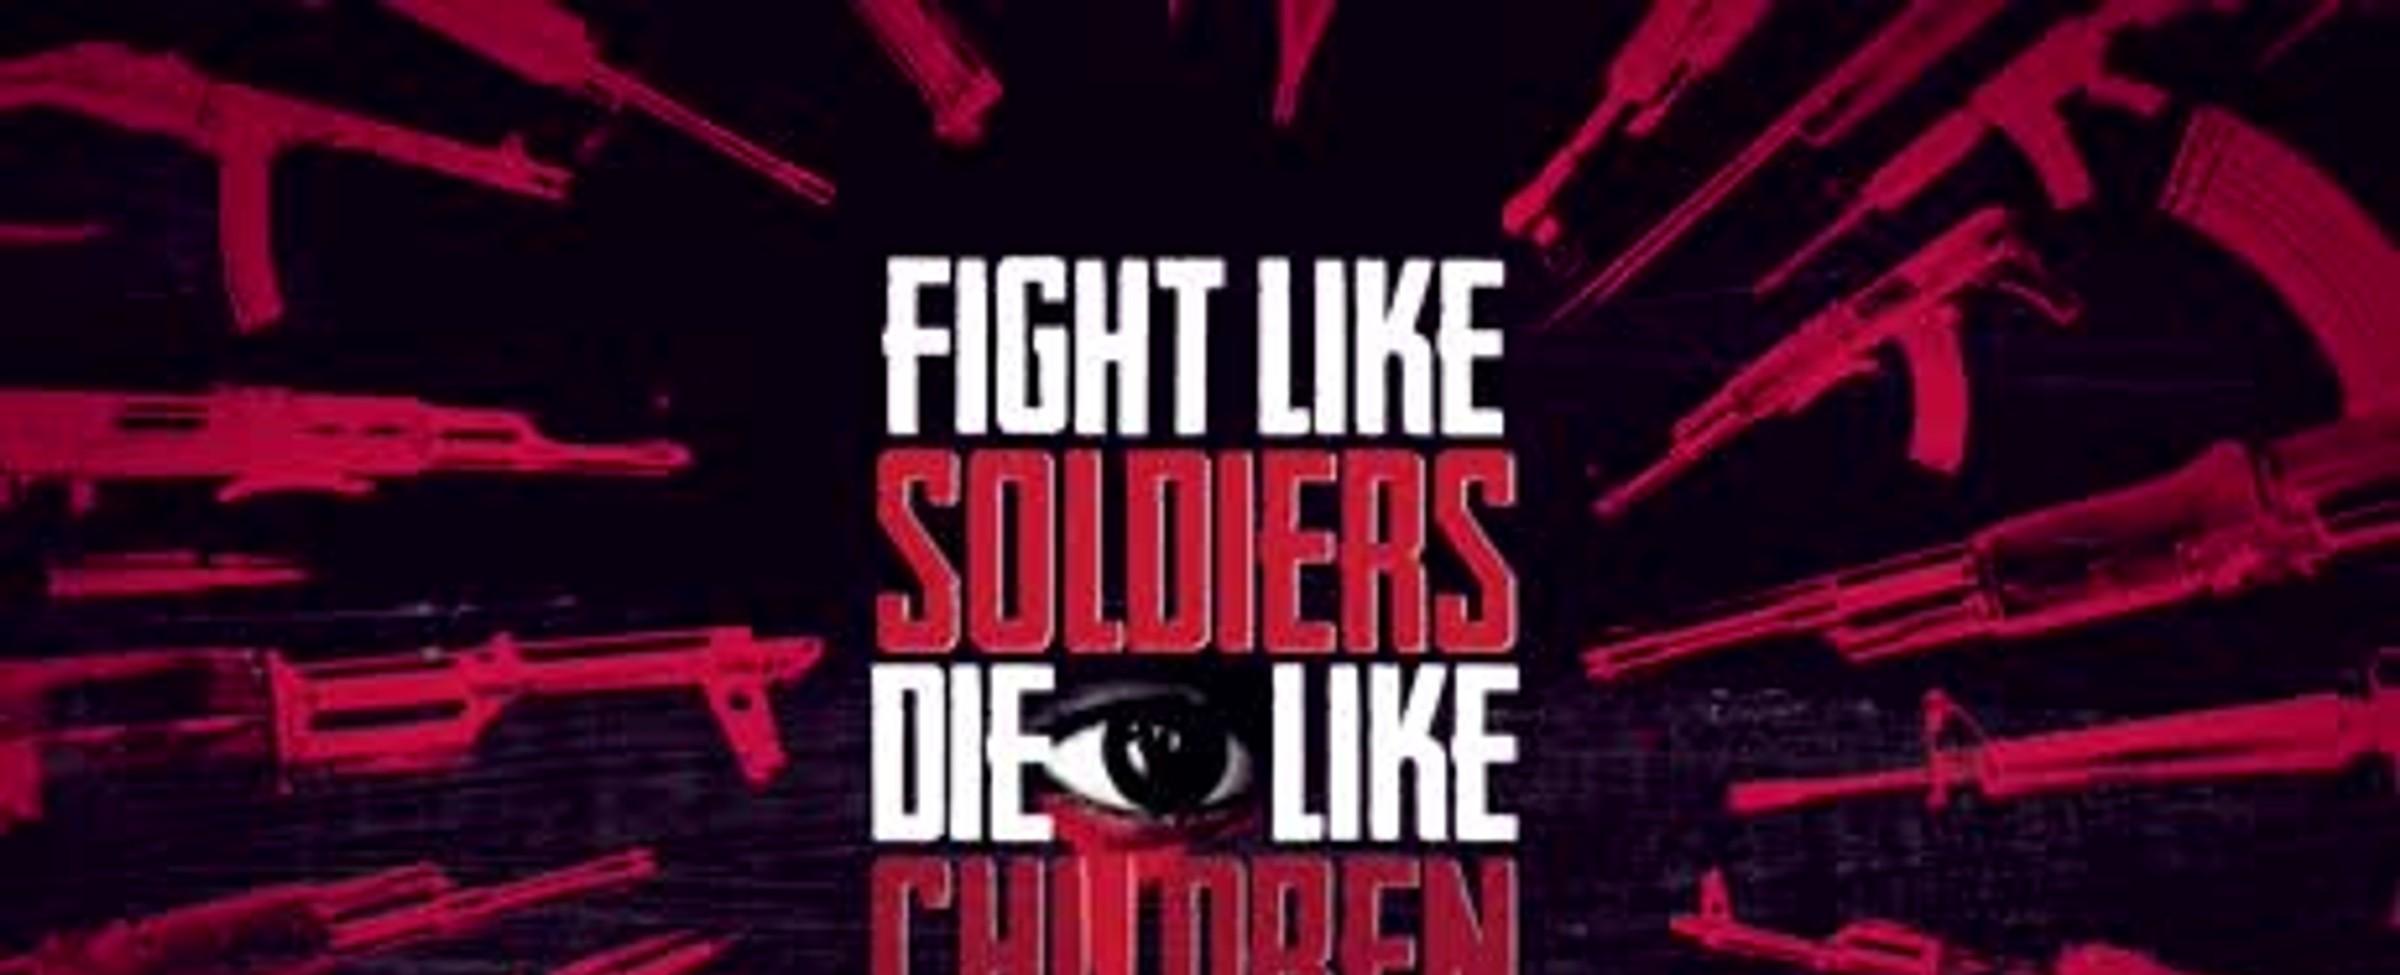 Bojovat jako vojáci - umírat jako děti